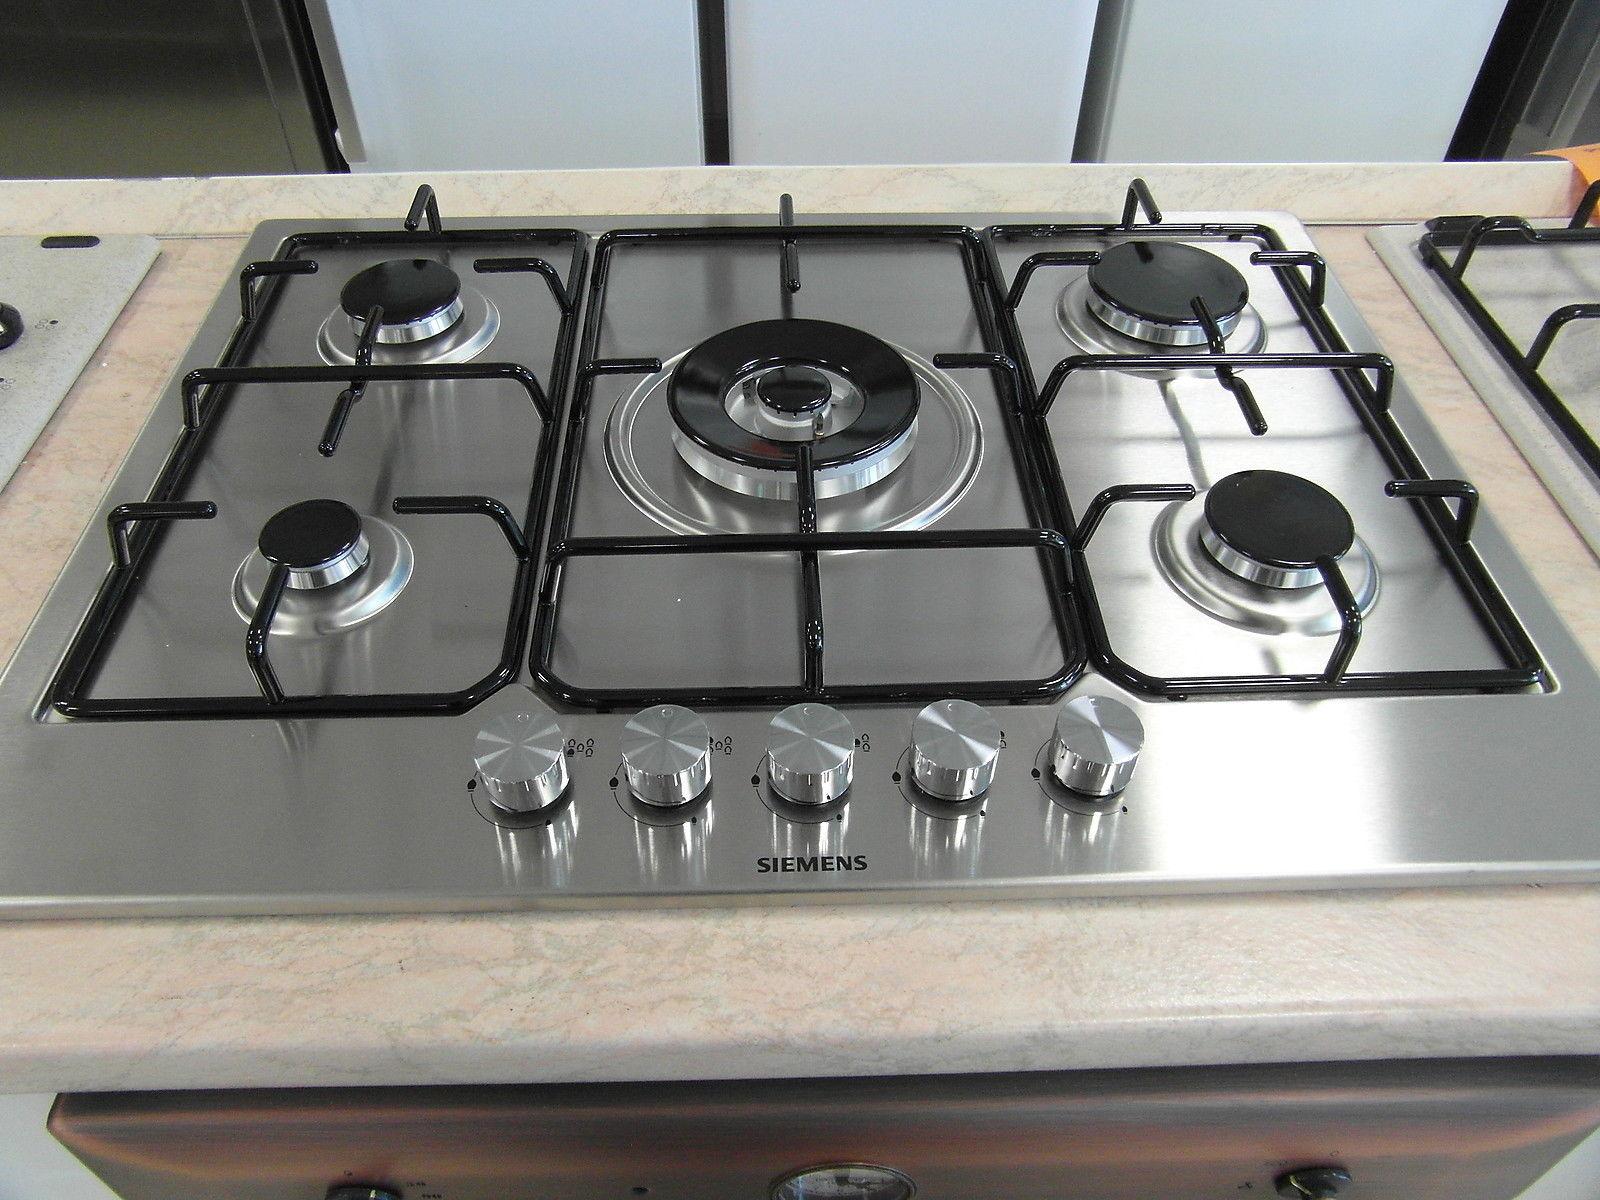 Piano cottura da incasso inox 5 fuochi bruciatori con fornello wok accensione elettrica e - Rex electrolux cucine a gas ...